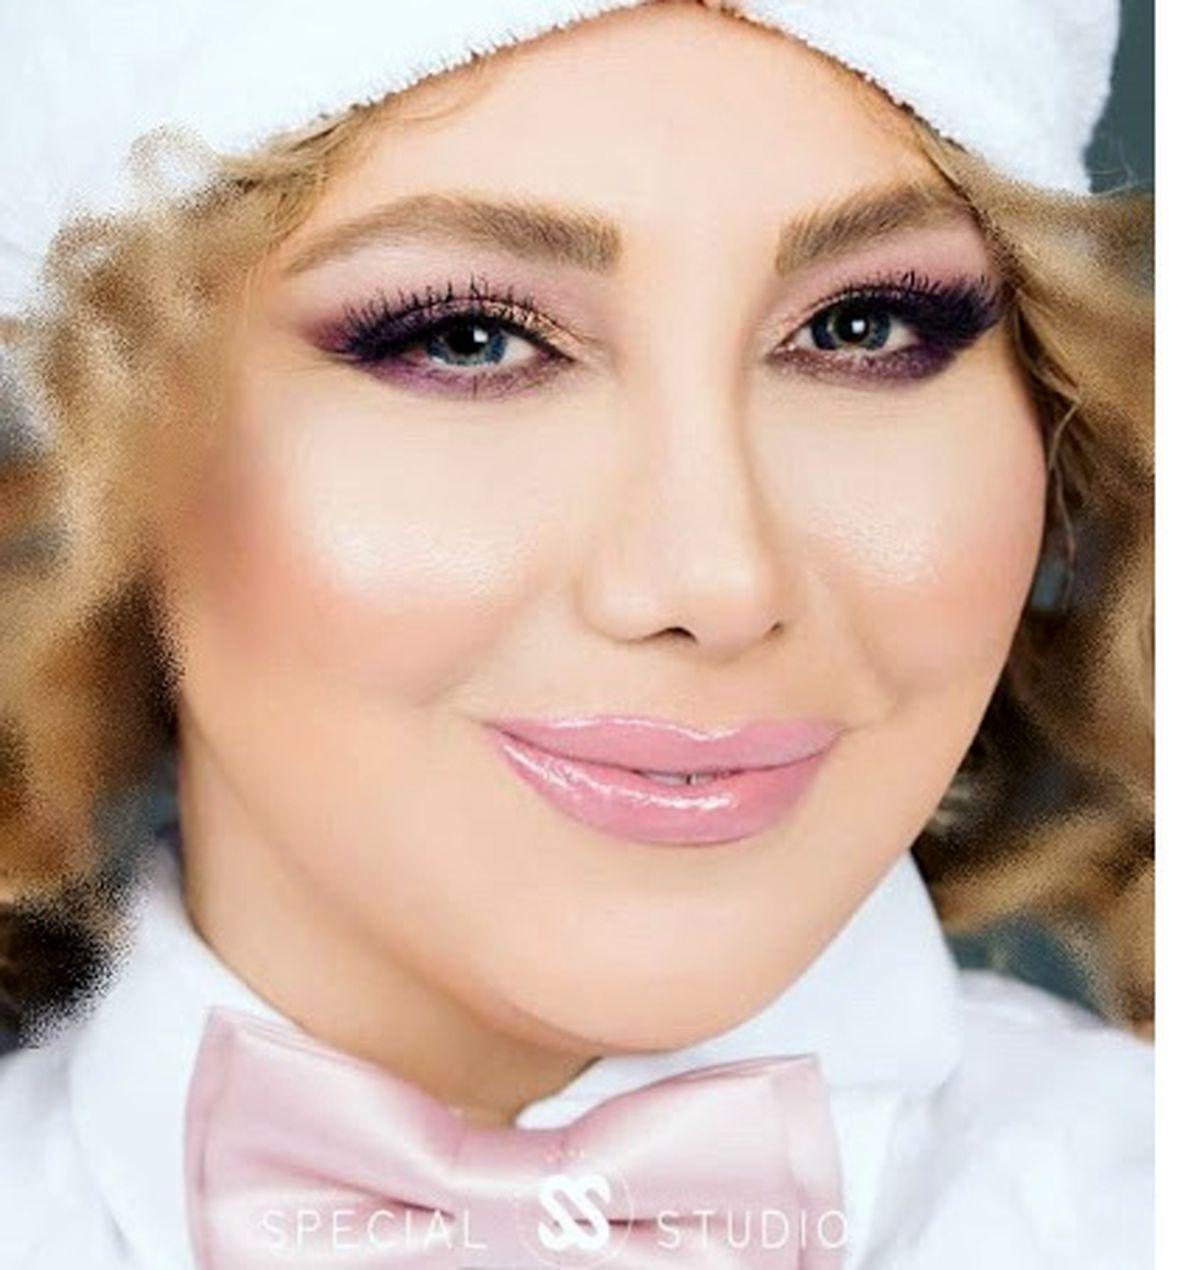 طلاق تلخ بهنوش بختیاری و محمدرضا آرین + عکس های دیده نشده و جزئیات